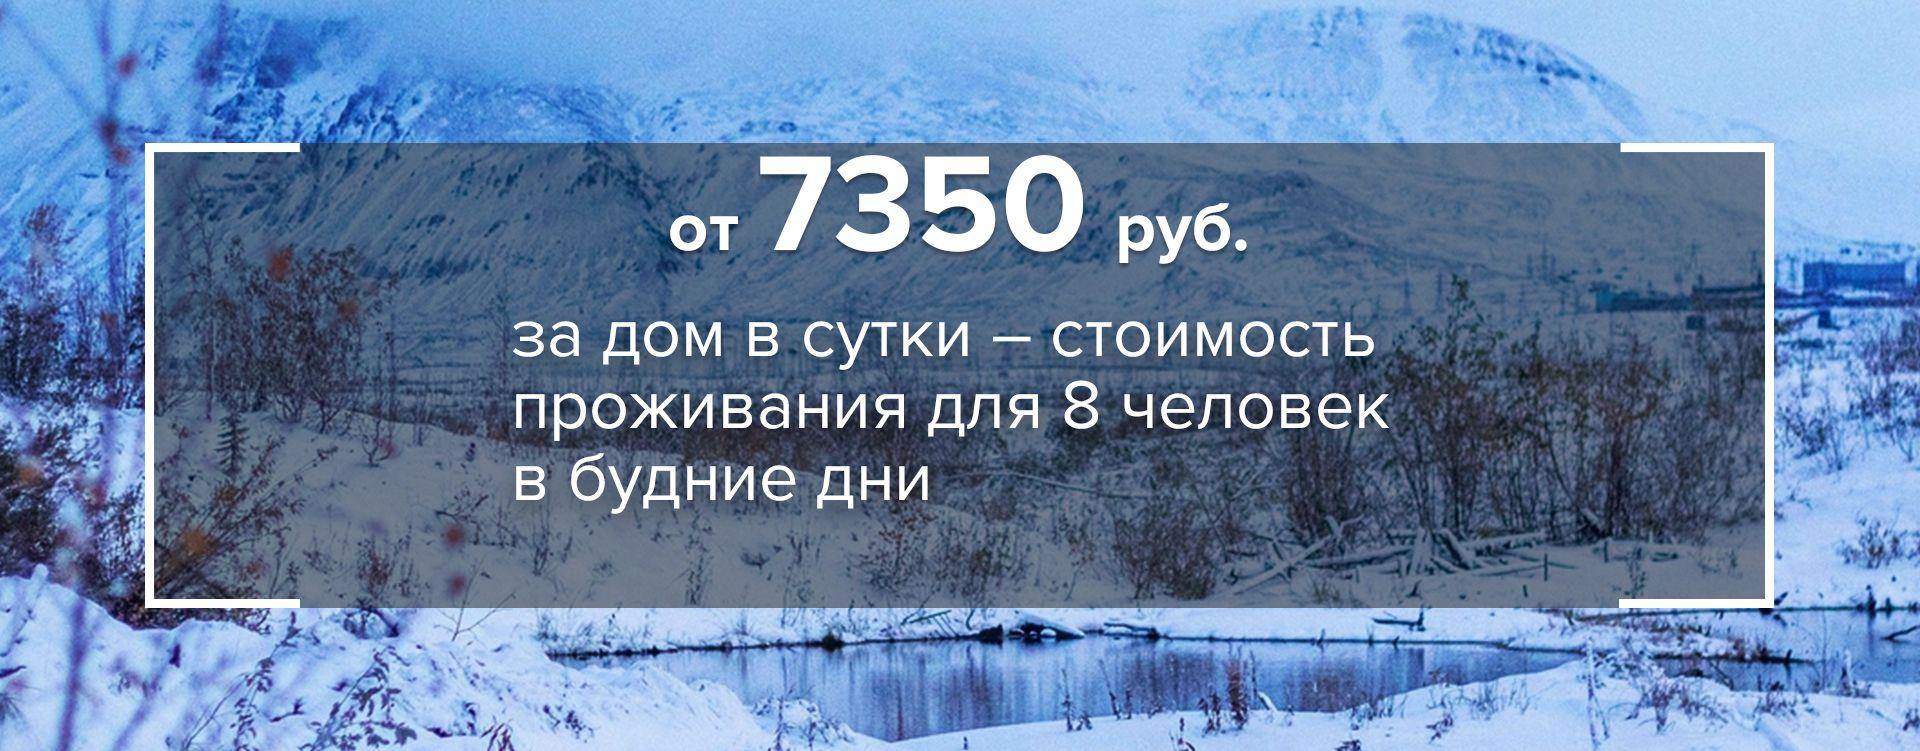 горизонт2.jpg